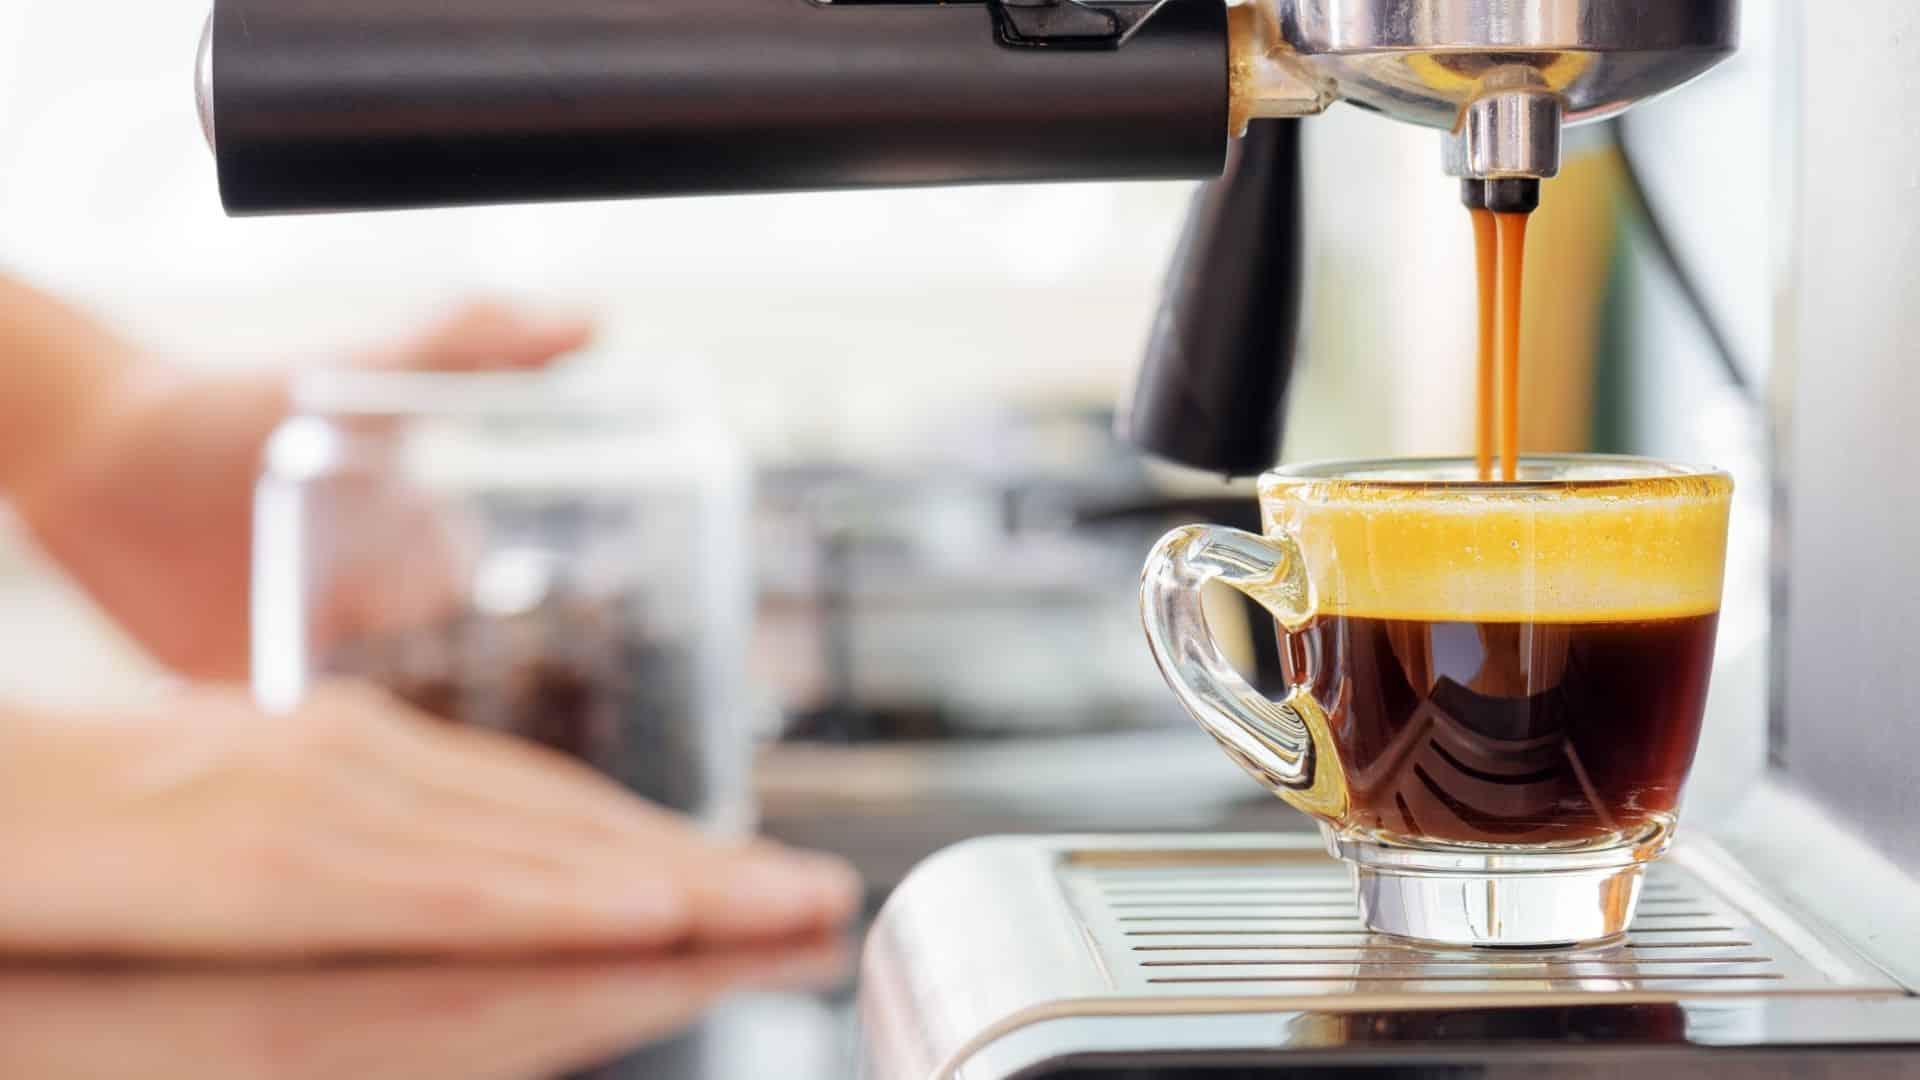 Mi különbözteti meg a kávét és az eszpresszó kávé? A bab? Az őrlés? A főzési módszer? Jobban megnézzük.